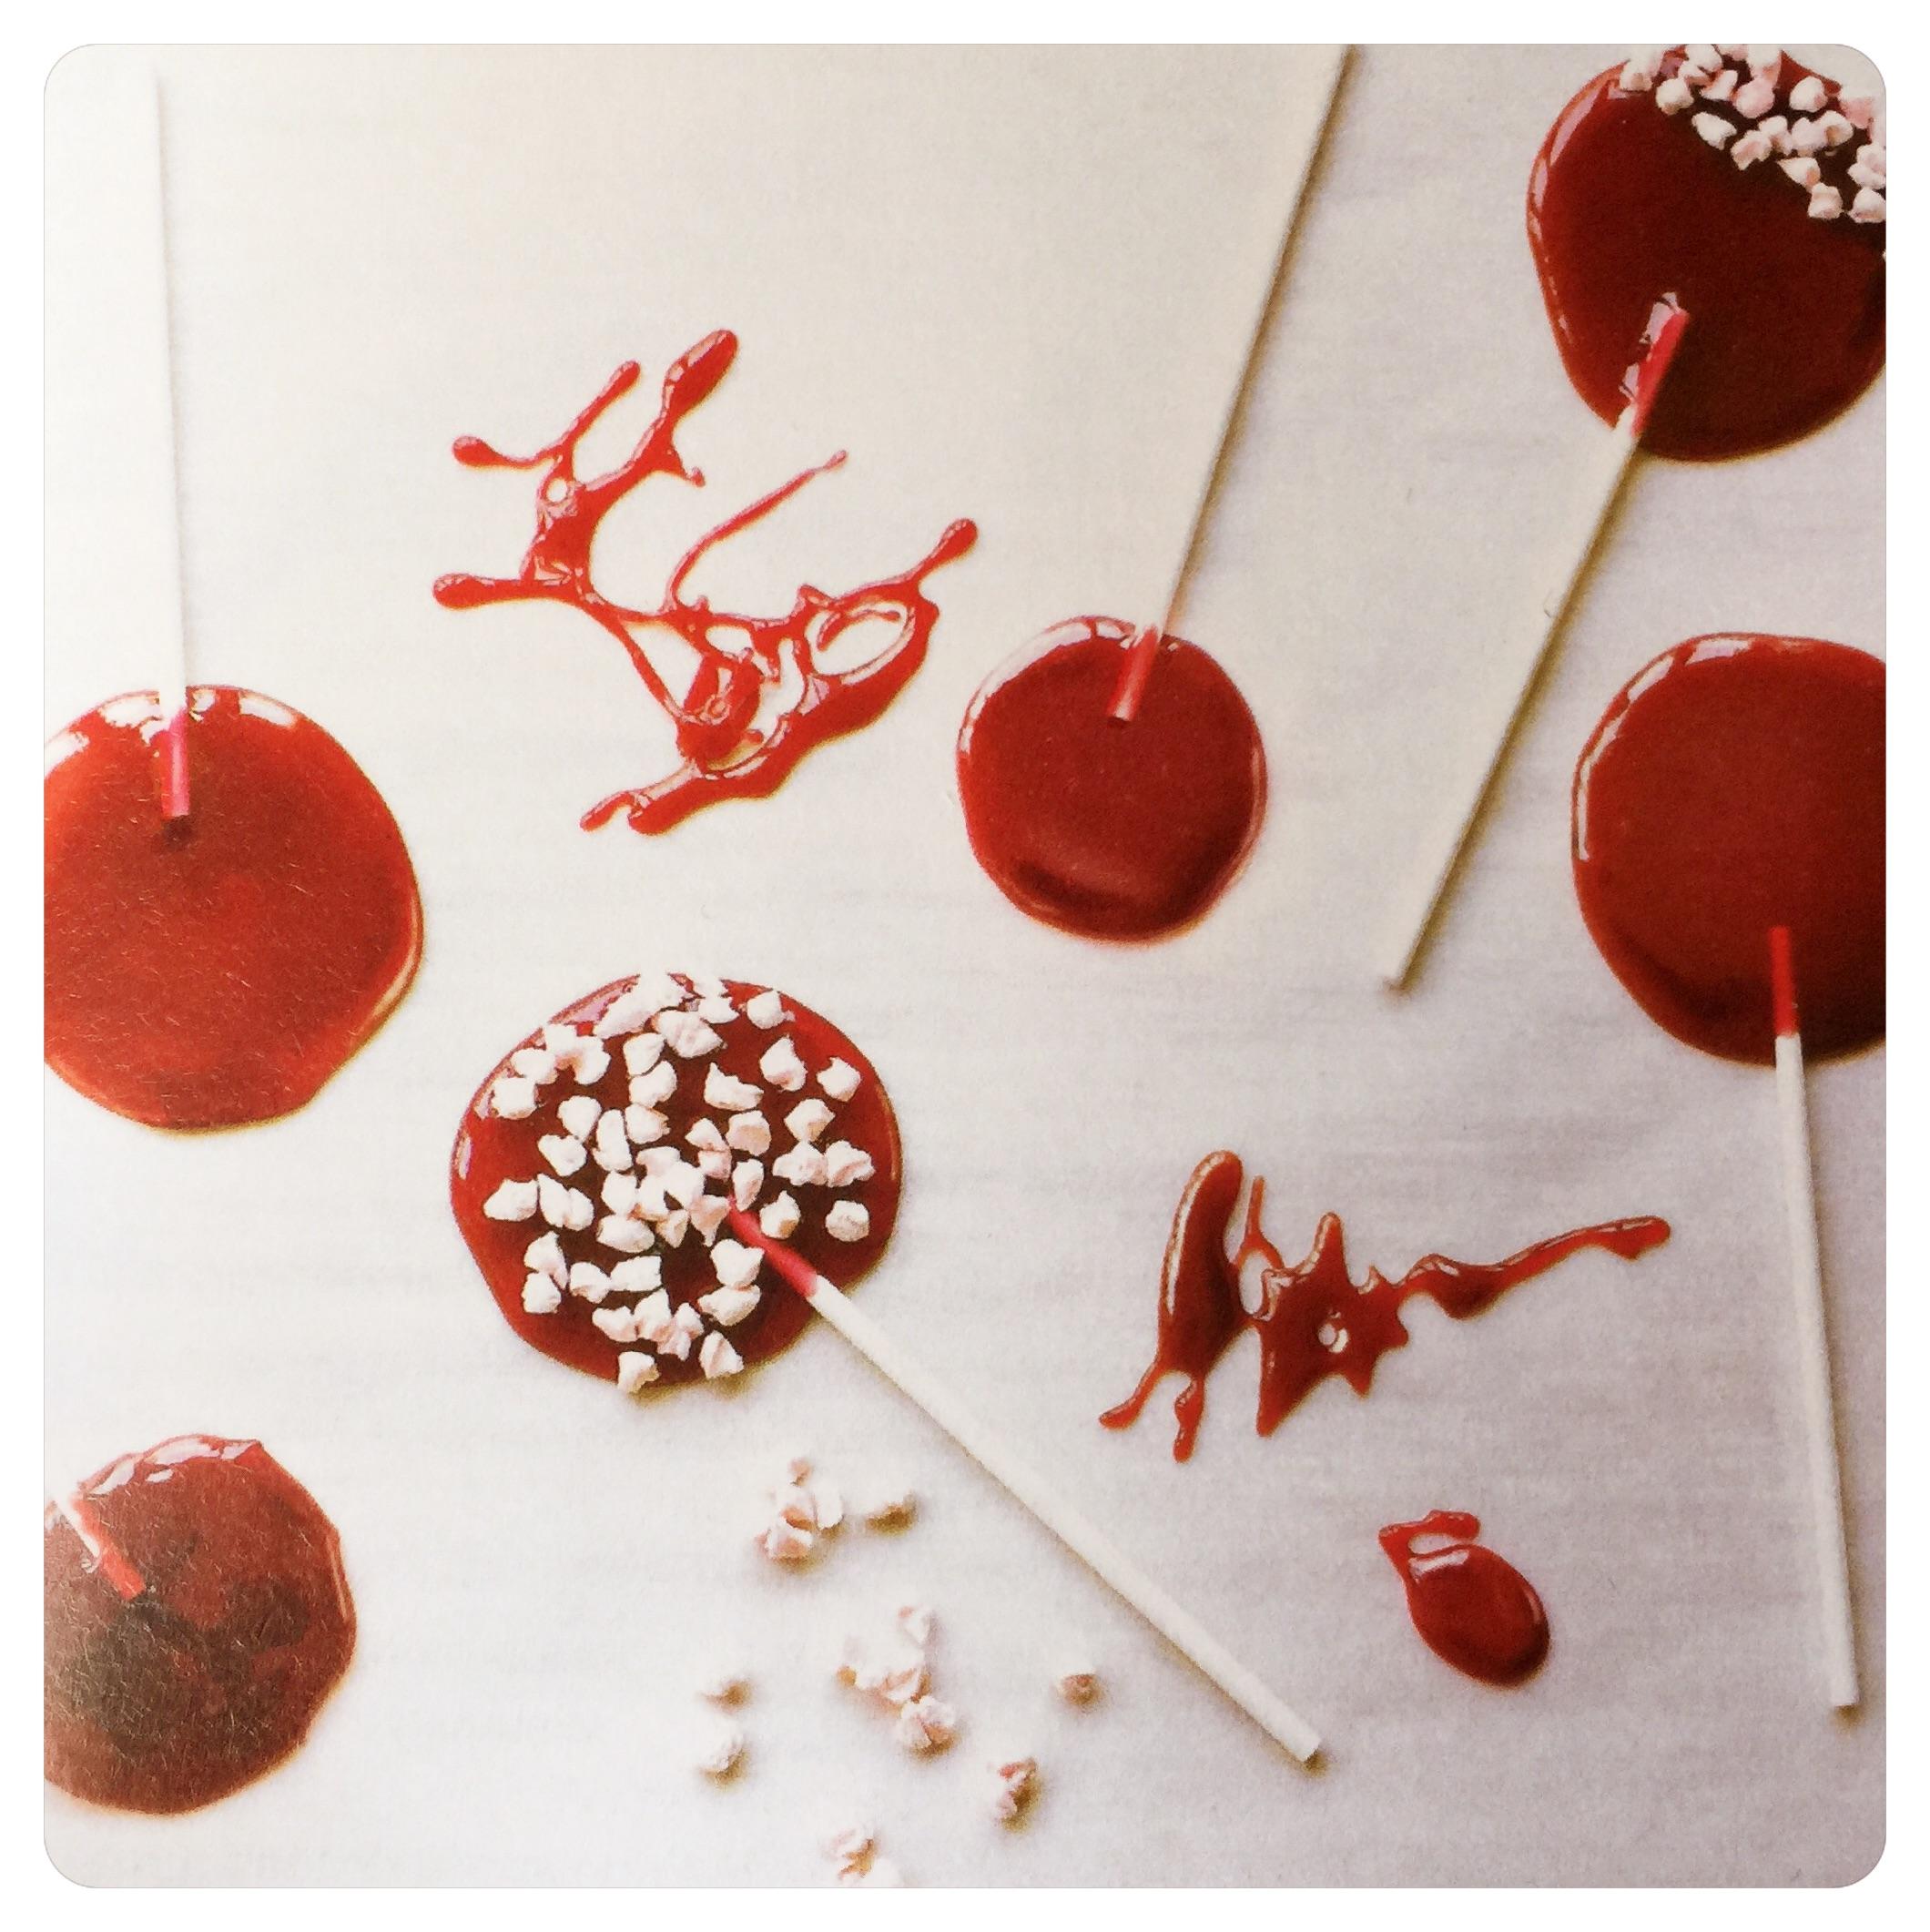 lollipopschamallows.jpg